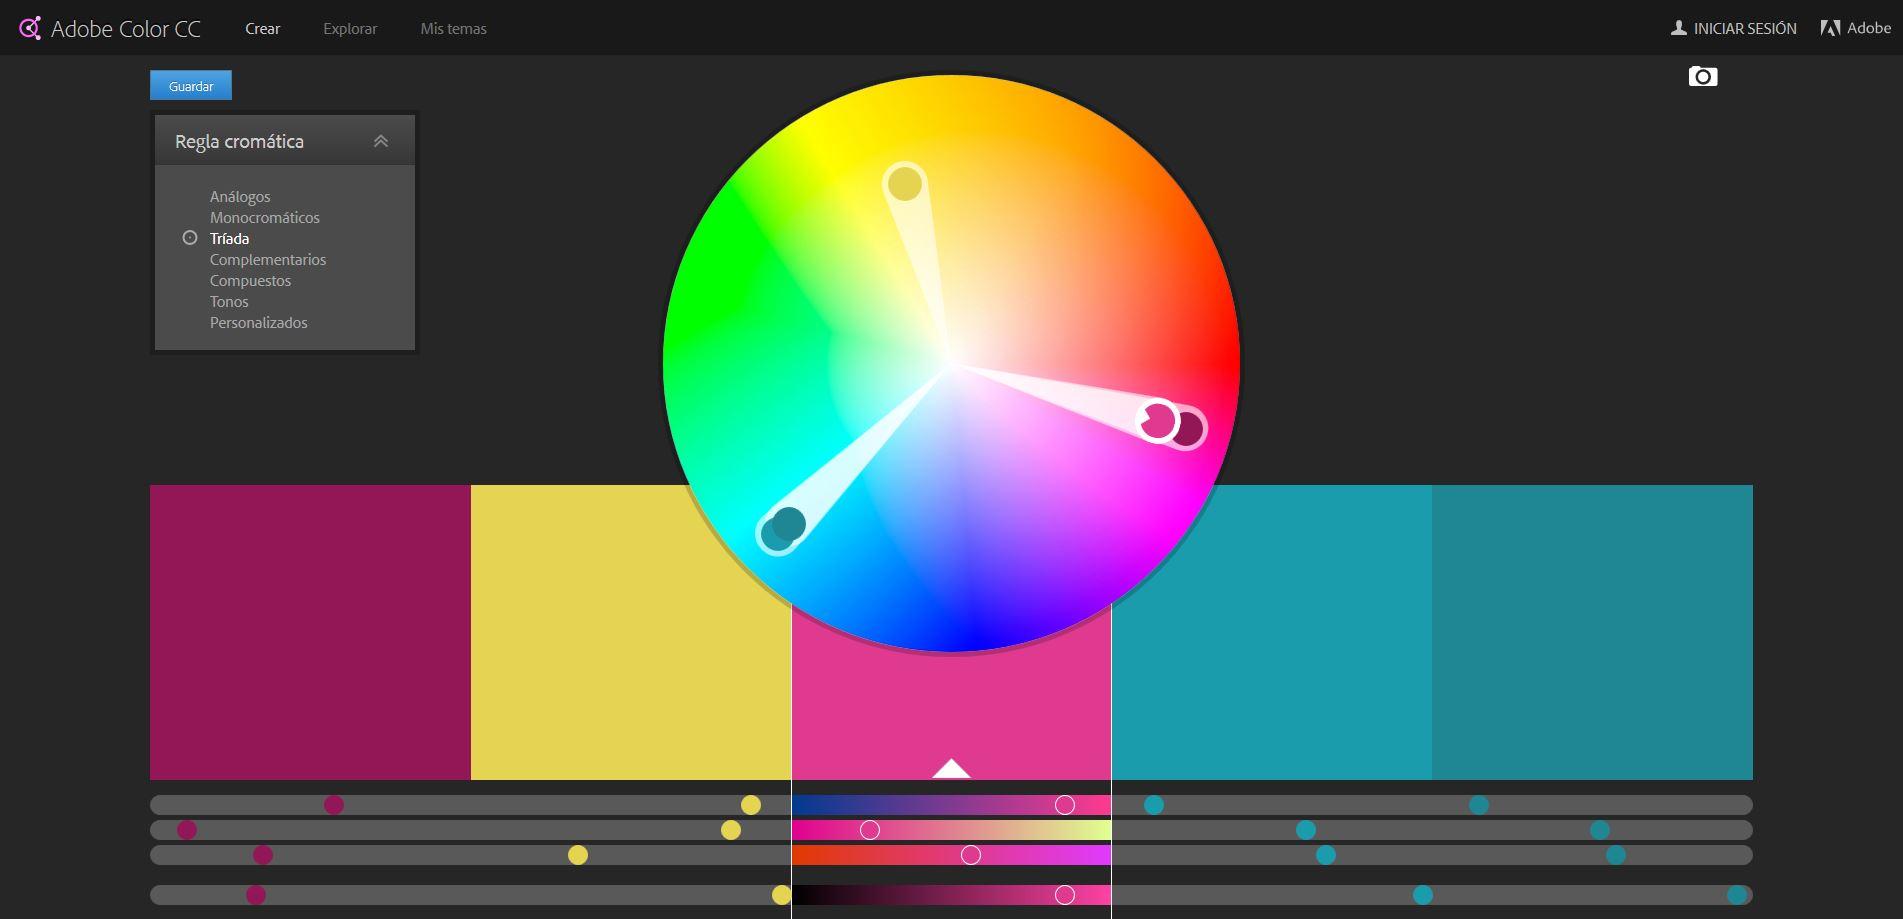 Cmo afecta el color en la arquitectura